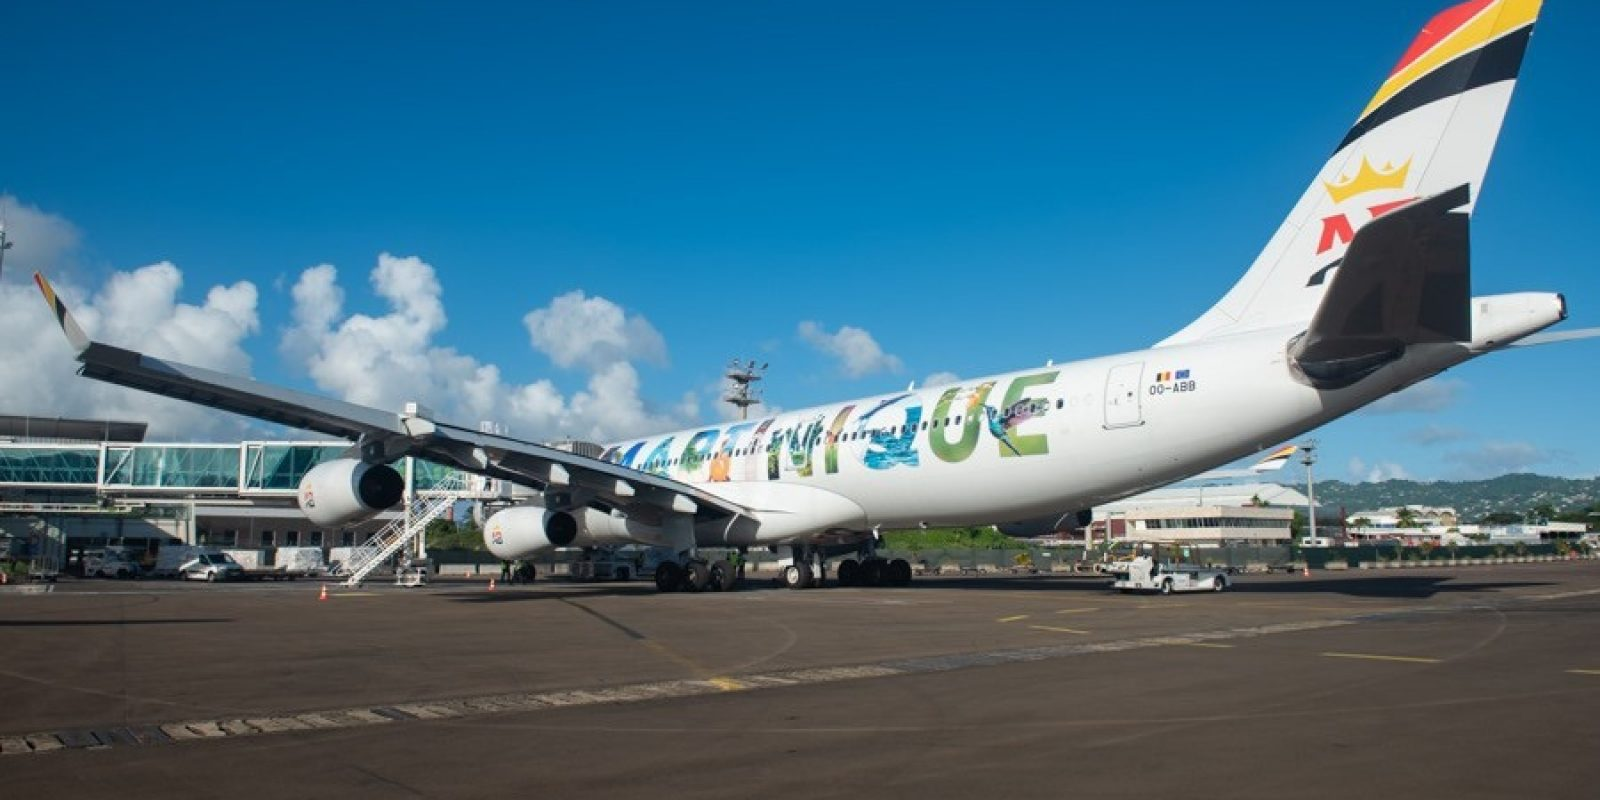 Le OO-ABB à l'aéroport international Martinique Aimé Césaire (FDF) anciennement appelé aéroport du Lamentin. (Photo Comité Martiniquais du Tourisme)